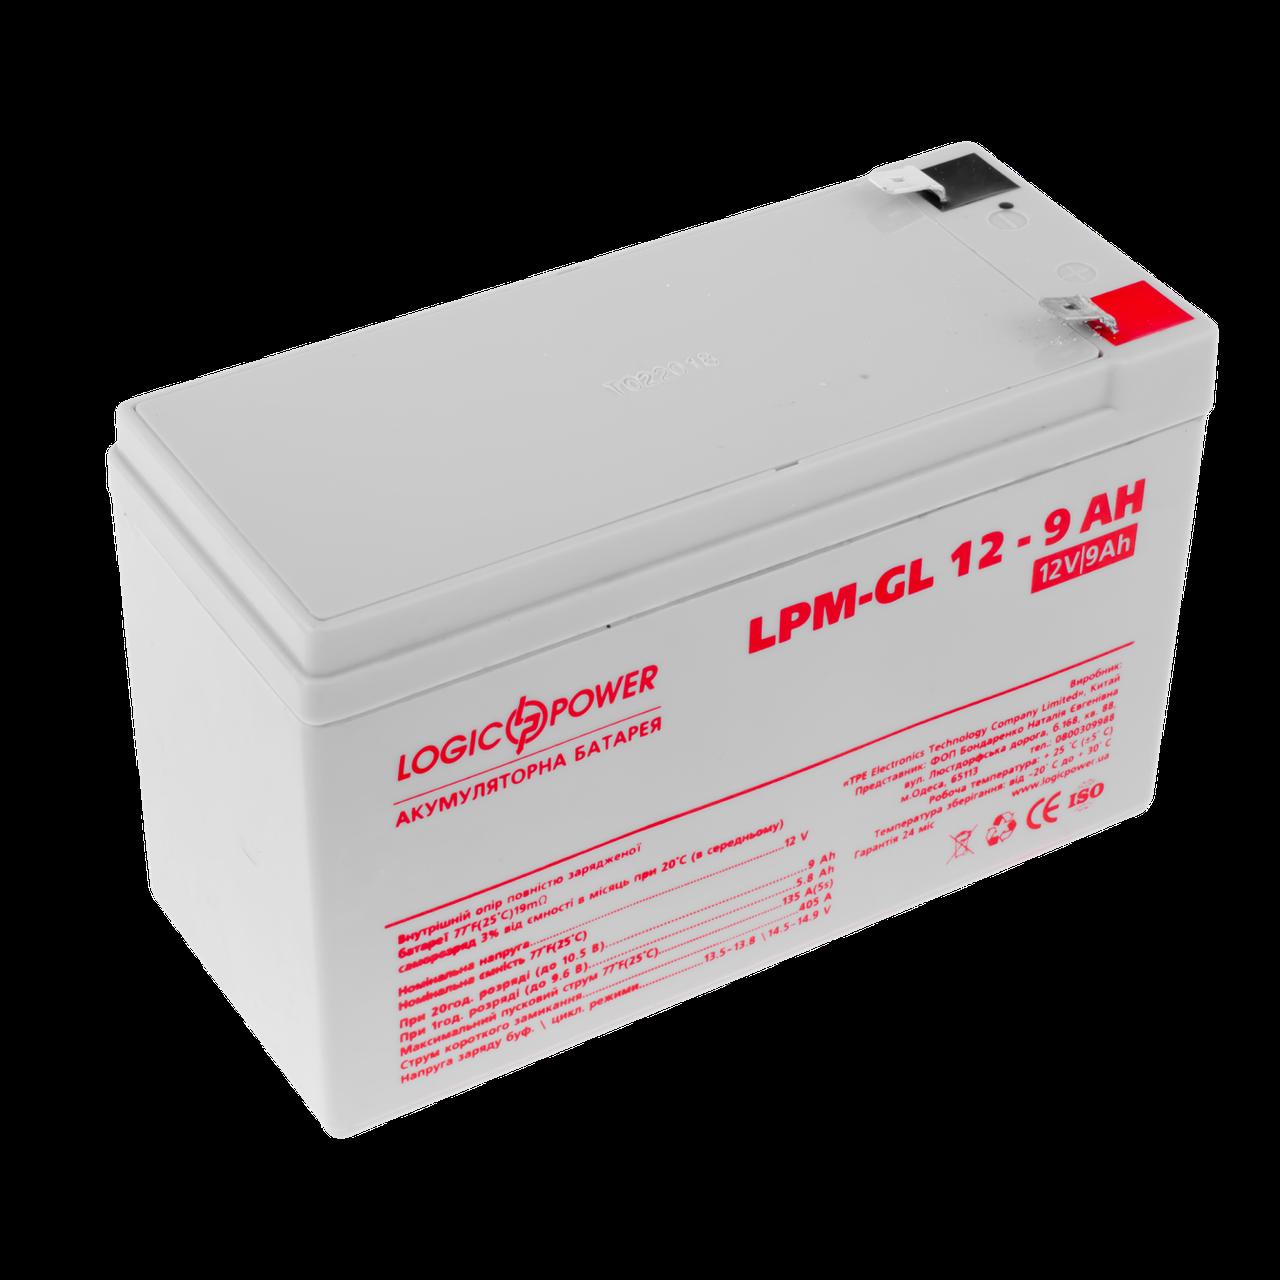 Аккумулятор гелевый LPM-GL 12 - 9 AH